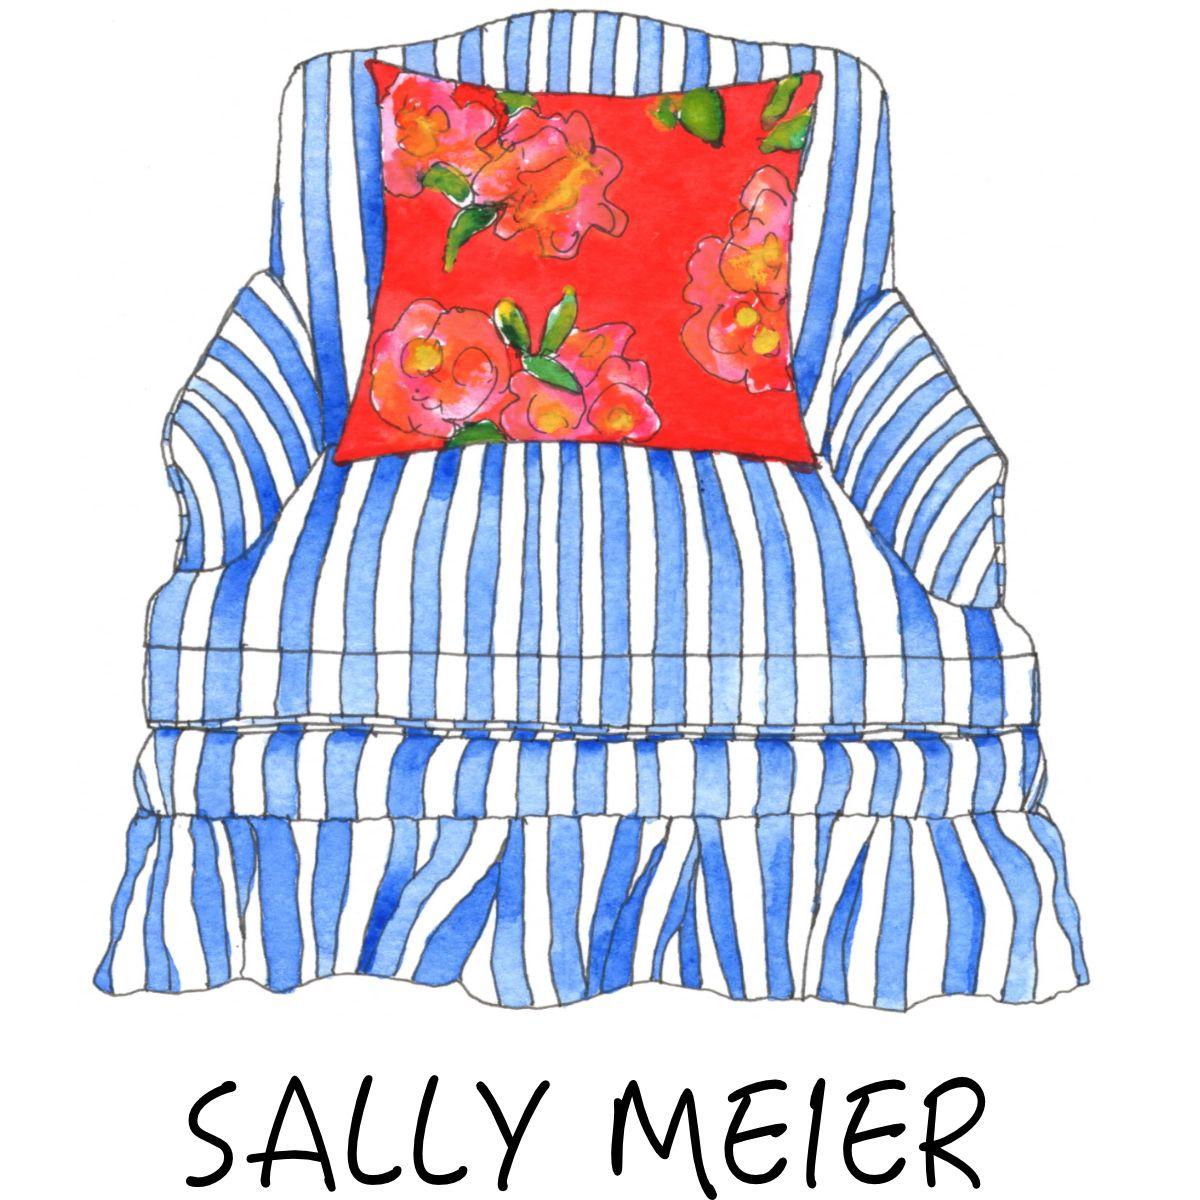 Sally Meier